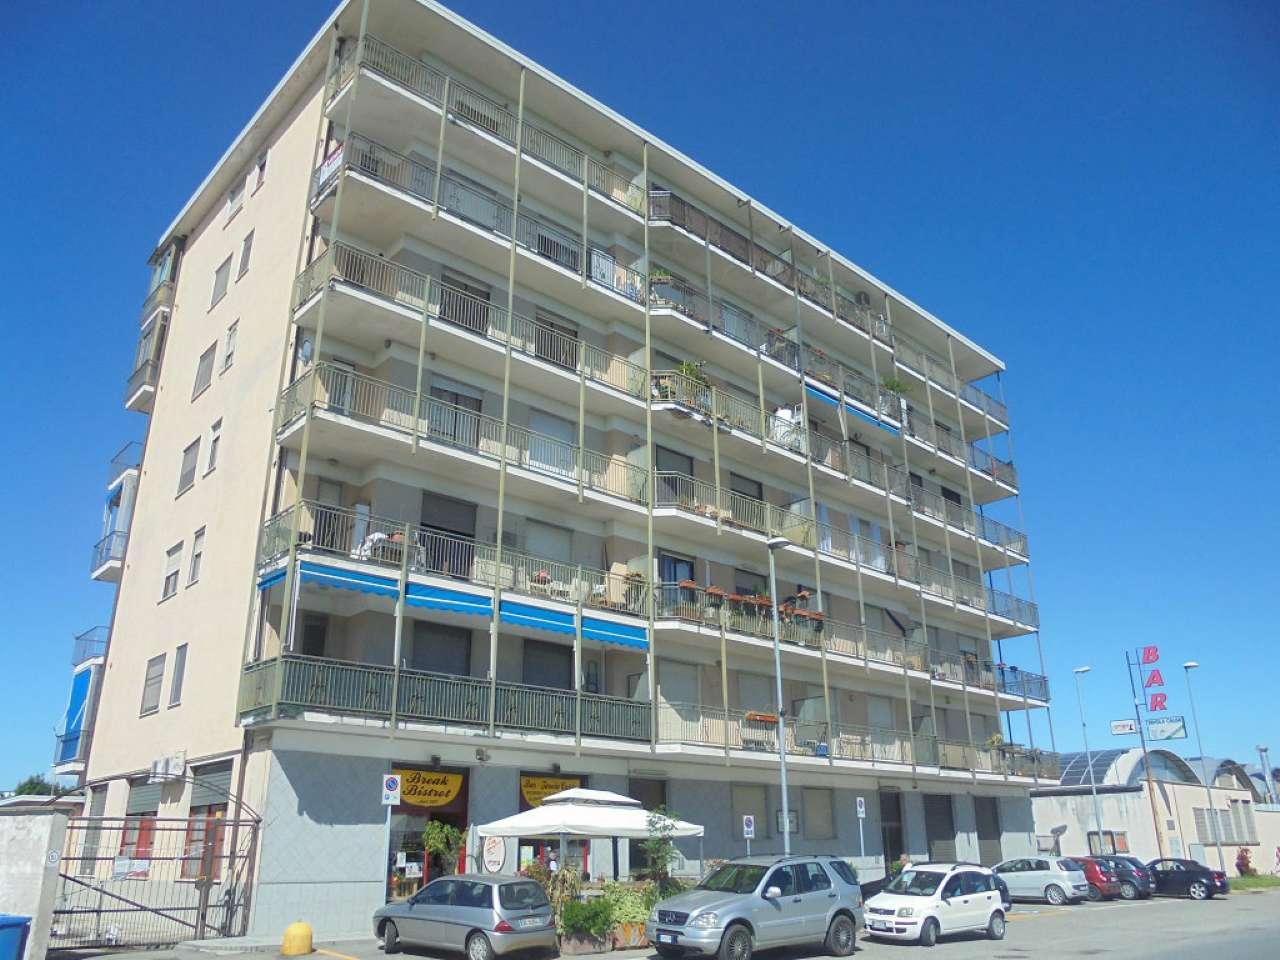 Appartamento in vendita a Villastellone, 2 locali, prezzo € 54.000 | CambioCasa.it